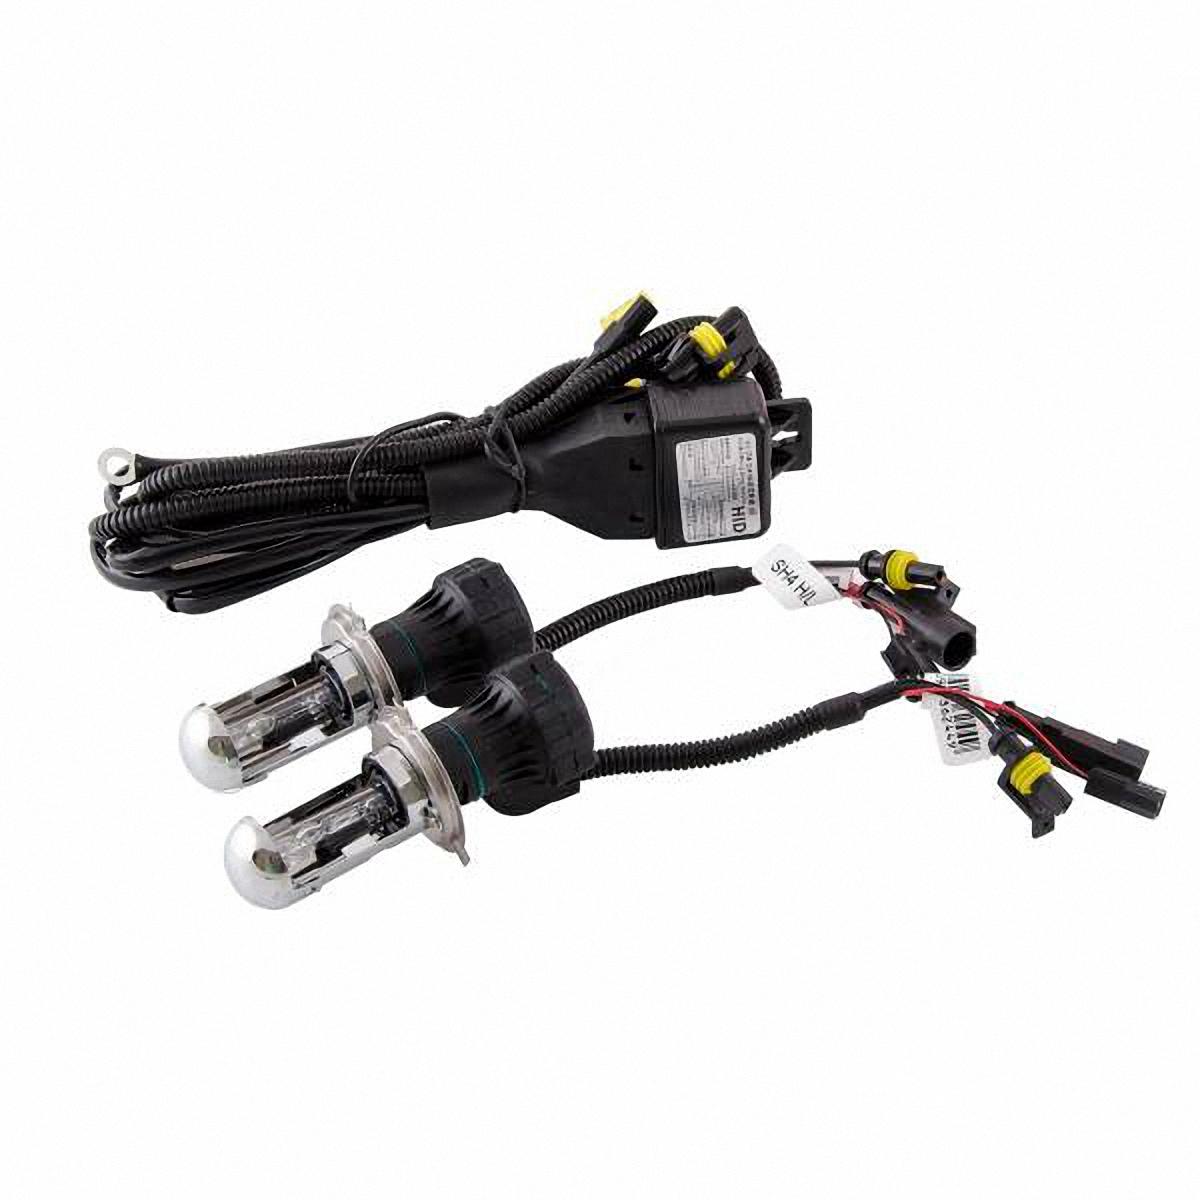 Лампа автомобильная Skyway, биксенон, цоколь H4, 35 Вт, 12 В, 2 шт. SH4 H/L 6000KSH4 H/L 6000KДанная биксеноновая лампа под цоколь H4 применяется в автомобилях со световой системой, в которой в одной лампе совмещены ближний и дальний свет (в одной лампе 2 спирали). Автолампа биксенон SKYWAY устойчива к тряскам, имеет продолжительный срок эксплуатации. За счет лучшего освещения дорожной разметки и дорожных знаков, вы будете чувствовать себя уверенно в плохих погодных условиях и в темное время суток. А мягкий бело-желтый свет лампы не ослепляет водителей встречного потока автомобилей.Особенности: Защита от короткого замыкания, перенапряжения, низкого напряжения Комплект предназначен для установки в посадочные места галогеновых автомобильных ламп Упрощенная инсталляция на любой автомобиль без замены штатной проводки Колба лампы изготовлена из кварцевого стекла Водонепроницаемый корпус Короткое время розжига Характеристики: Цветовая температура: 6000К Цоколь: Н4 Мощность: 35 Вт Напряжение: 12В Комплектация: Лампа газоразрядная биксеноновая - 2 шт. Провод питания - 1 шт. Гарантийный талон - 1 шт.